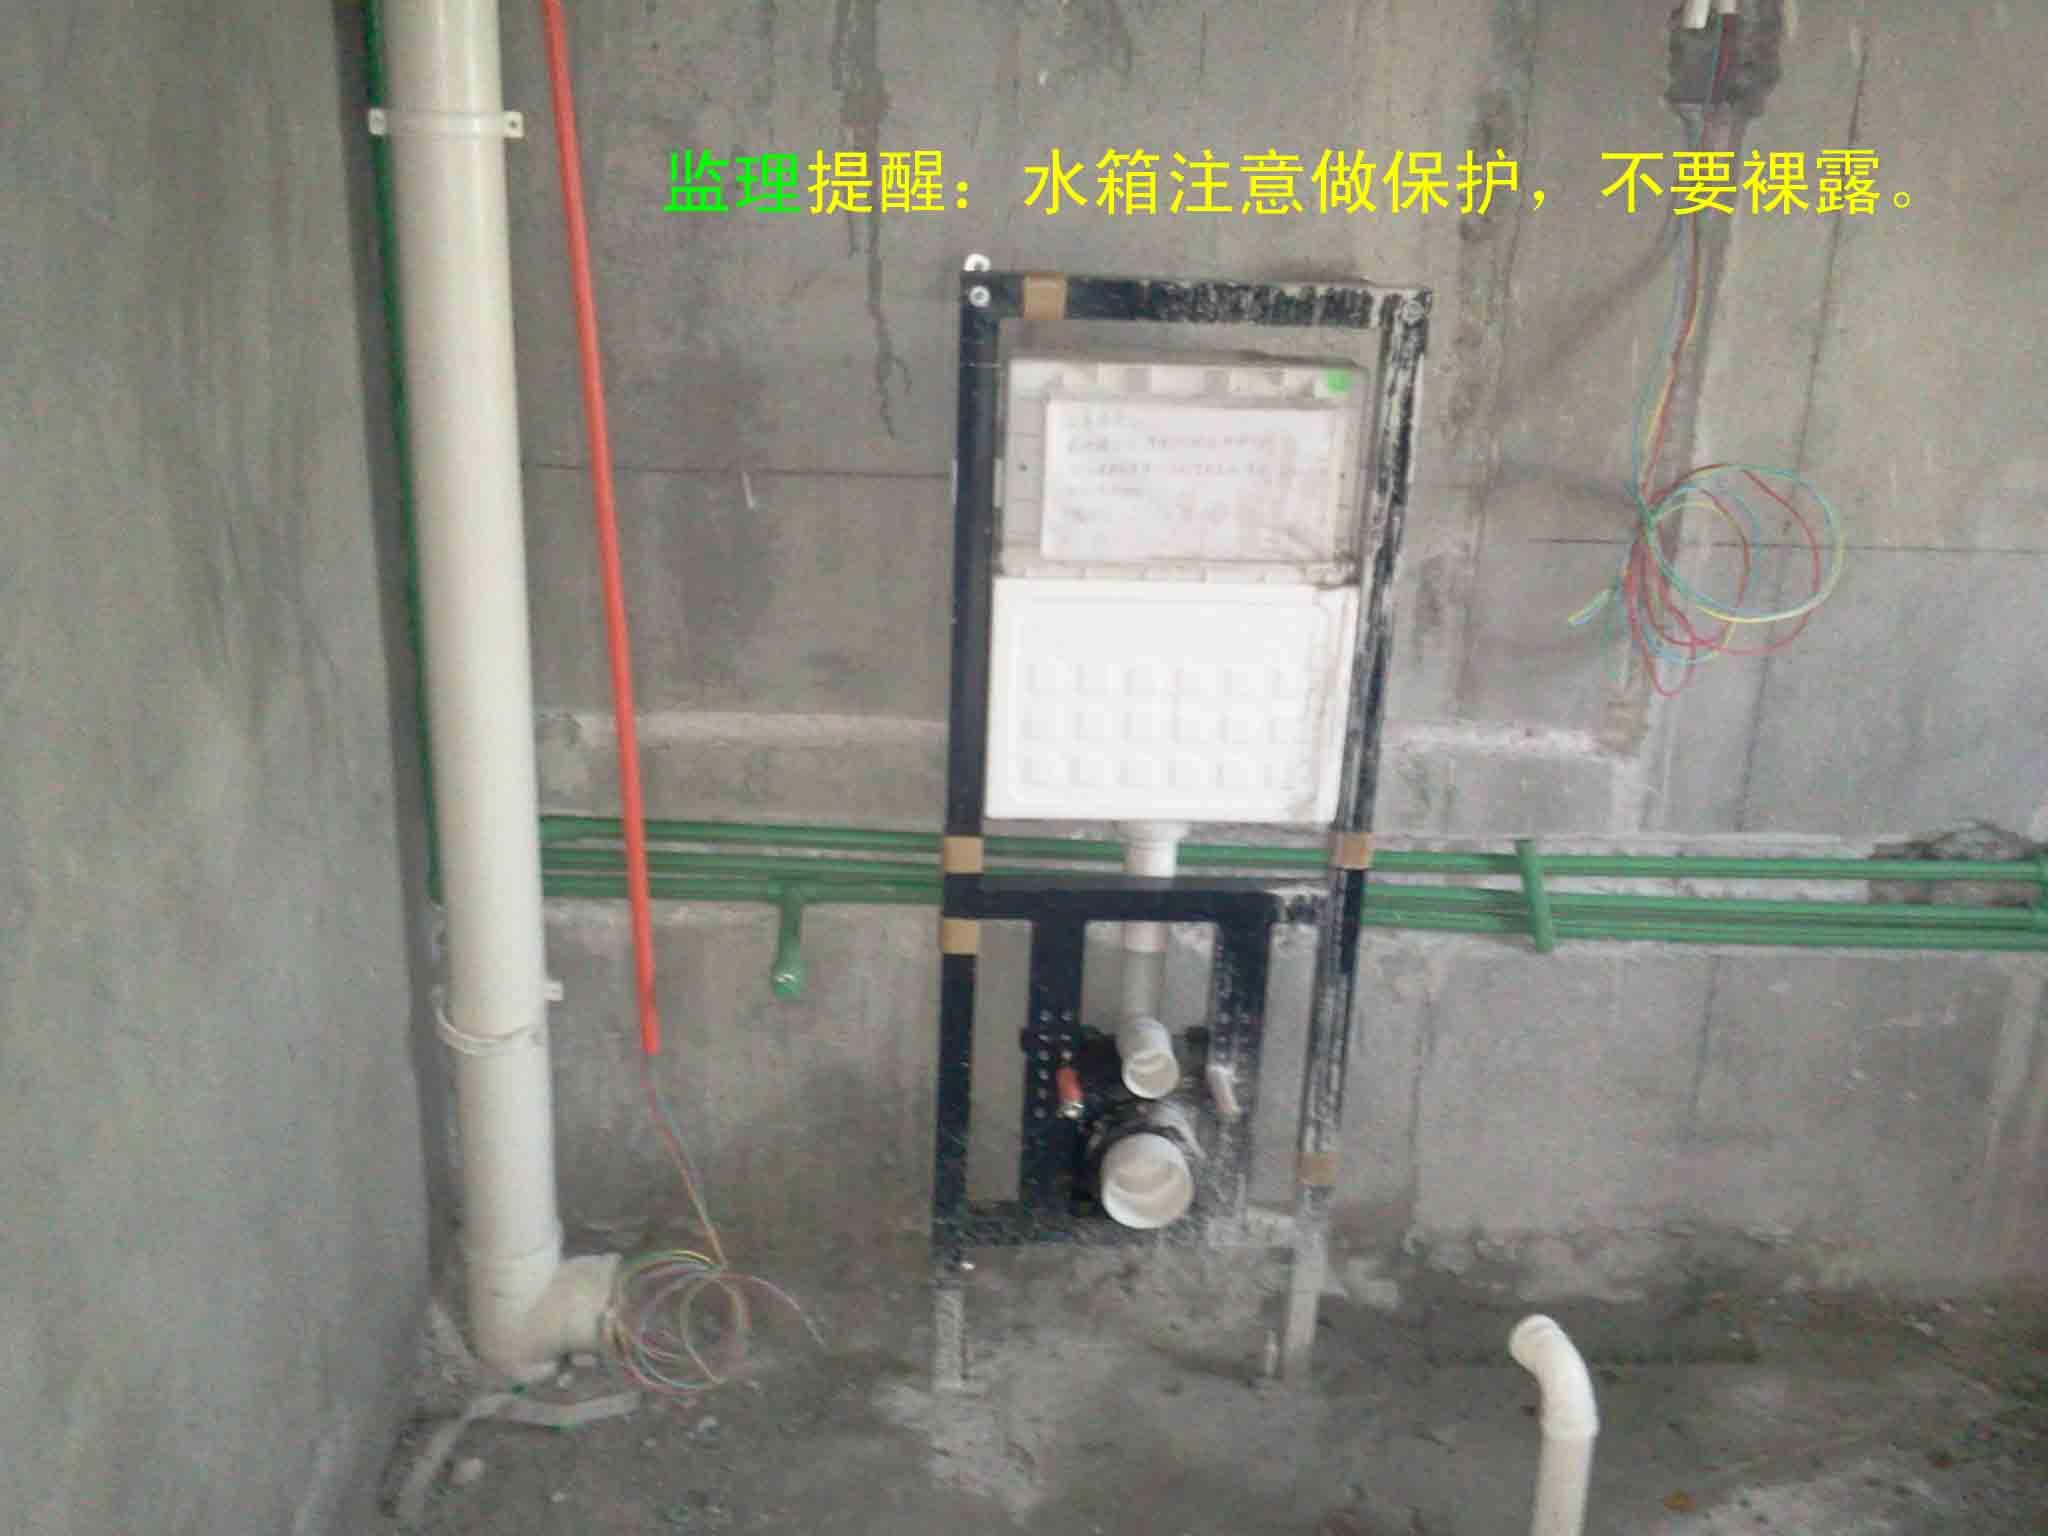 11.20 终于到水电验收了 (1)今日业主、总监、顾经理、电工、木工在施工现场; (2)墙面线盒已做盖板保护; (3)配电箱闸刀已连接; (4)顶面穿墙孔发泡已填充; (5)等电位已连接; (6)施工方正在加包铝箔纸; (7)一层新排下水管已全部排放。 注意事项文字 (1)总监提醒:如果业主对使用的电线和线管工程量有疑议,请施工方全部测量写在墙上; (2)监理提醒:中央空调内机安装完成后需做保护; (3)监理提醒电工:不要的下水管尽快拆除,不要影响楼梯施工; (4)监理提醒施工方:水电验收完成,阳台地面